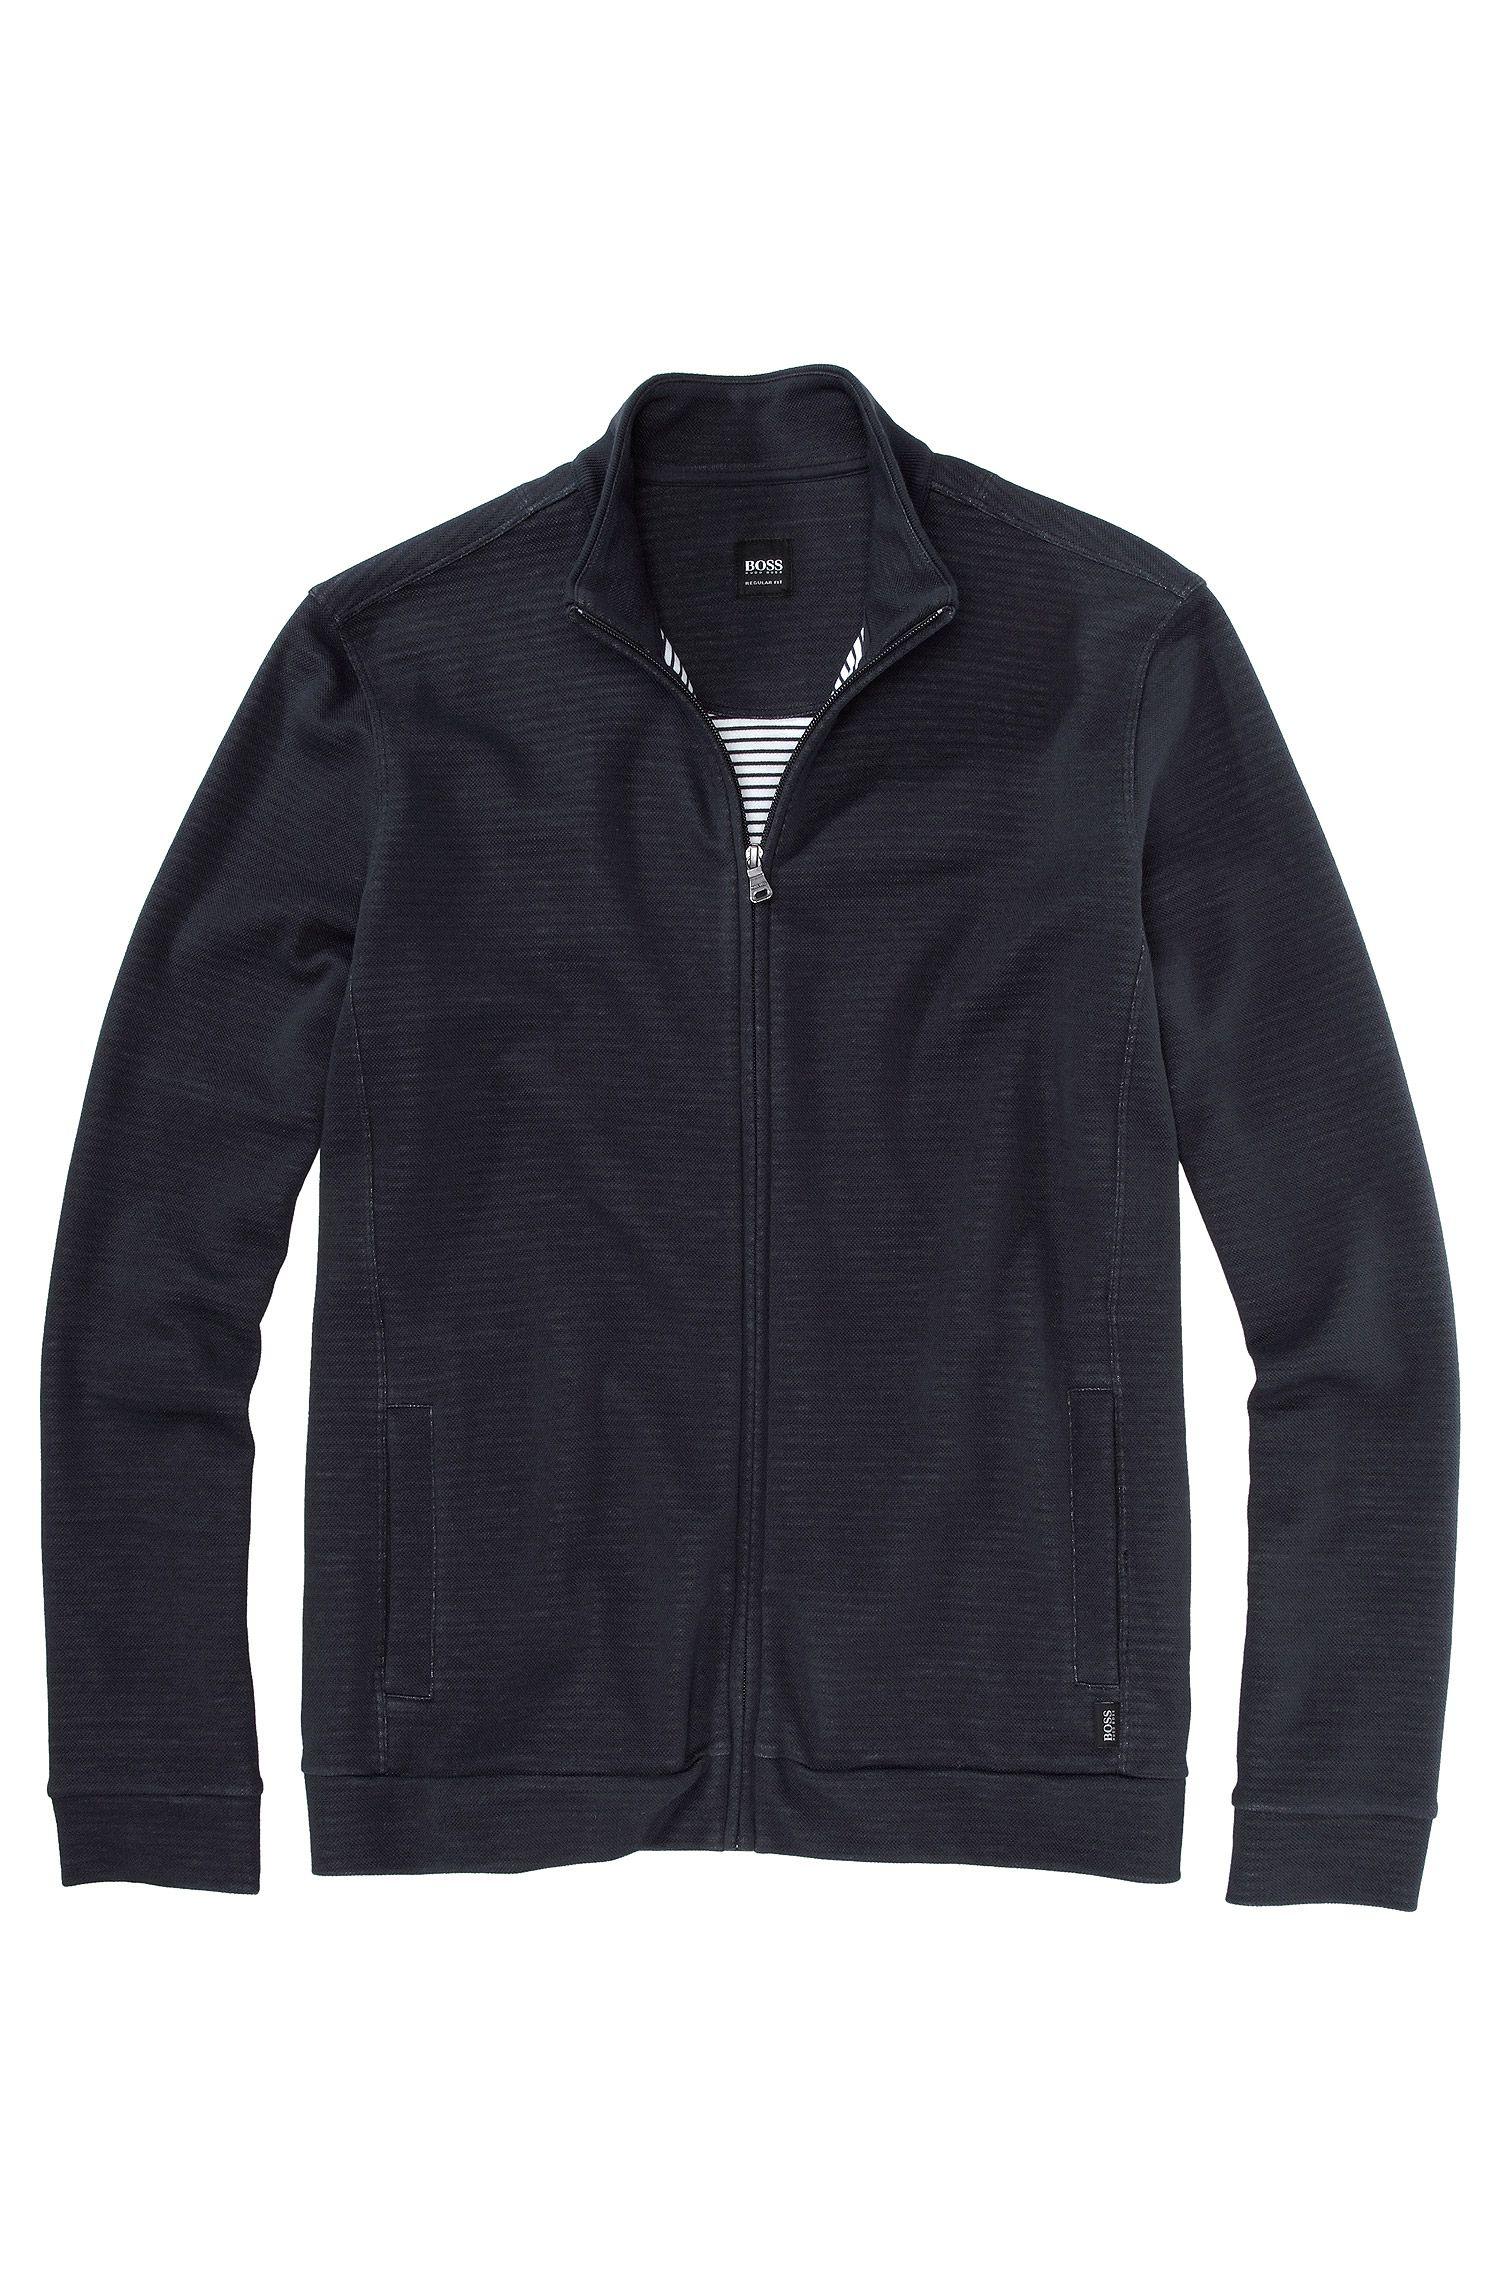 Sweatshirt-Jacke ´Cannobio 42` aus Baumwoll-Mix